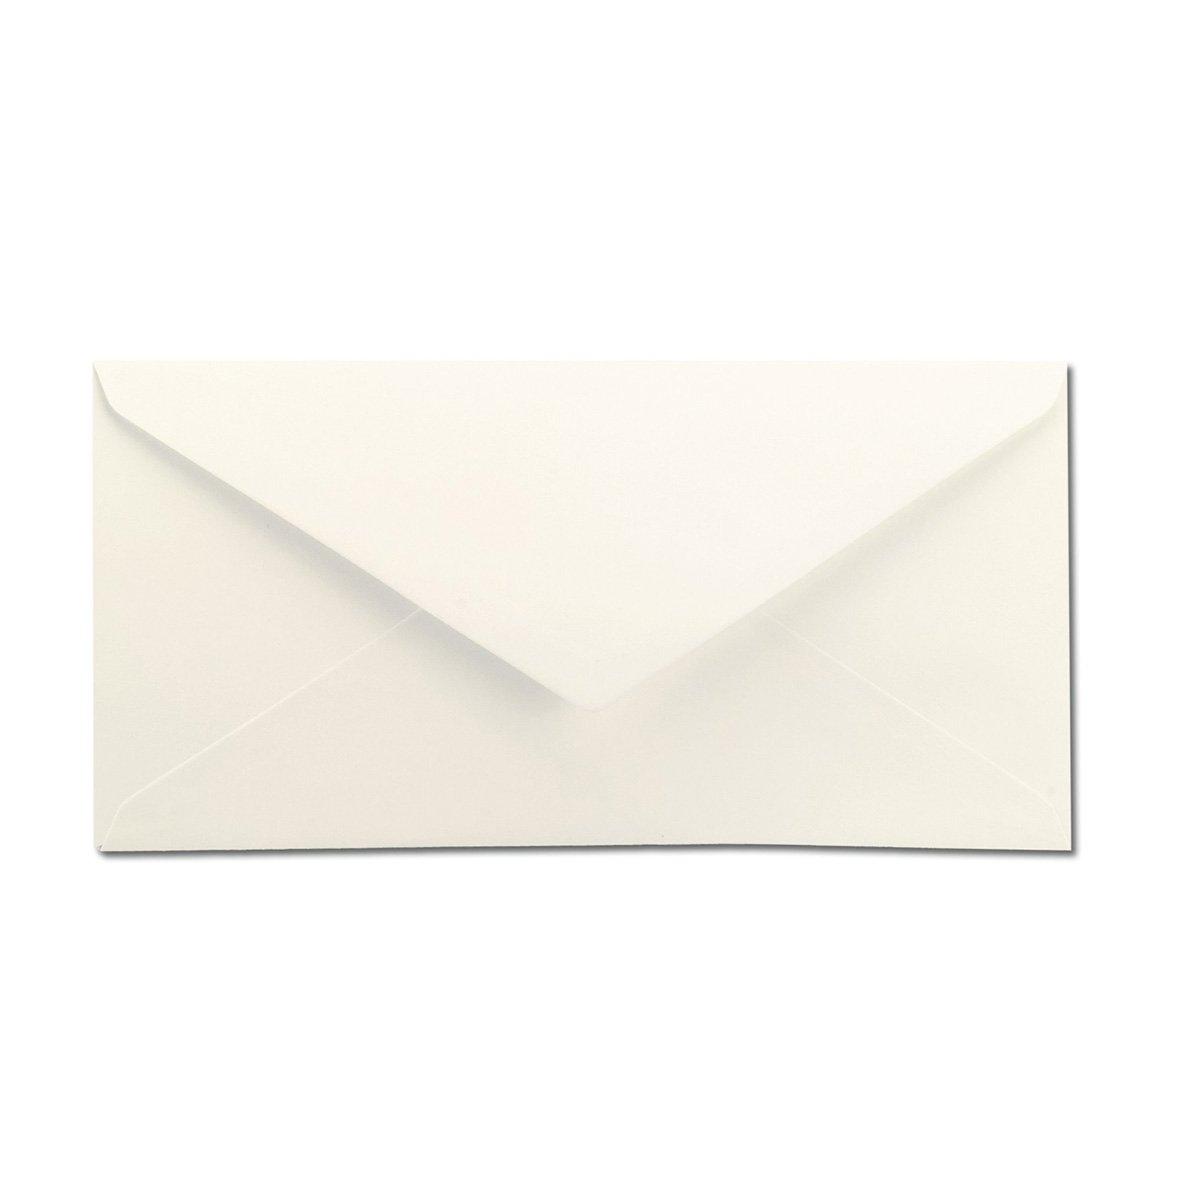 300x Weihnachts-Briefumschläge Weihnachts-Briefumschläge Weihnachts-Briefumschläge   DIN Lang   mit Gold-Metallic geprägtem Sternenregen   Farbe  dunkelrot, Nassklebung, 120 g m²   110 x 220 mm   Marke  GUSTAV NEUSER® B01JJ3OLI0 | Wonderful  | Stil  | Qualitätsprodukte  e74768